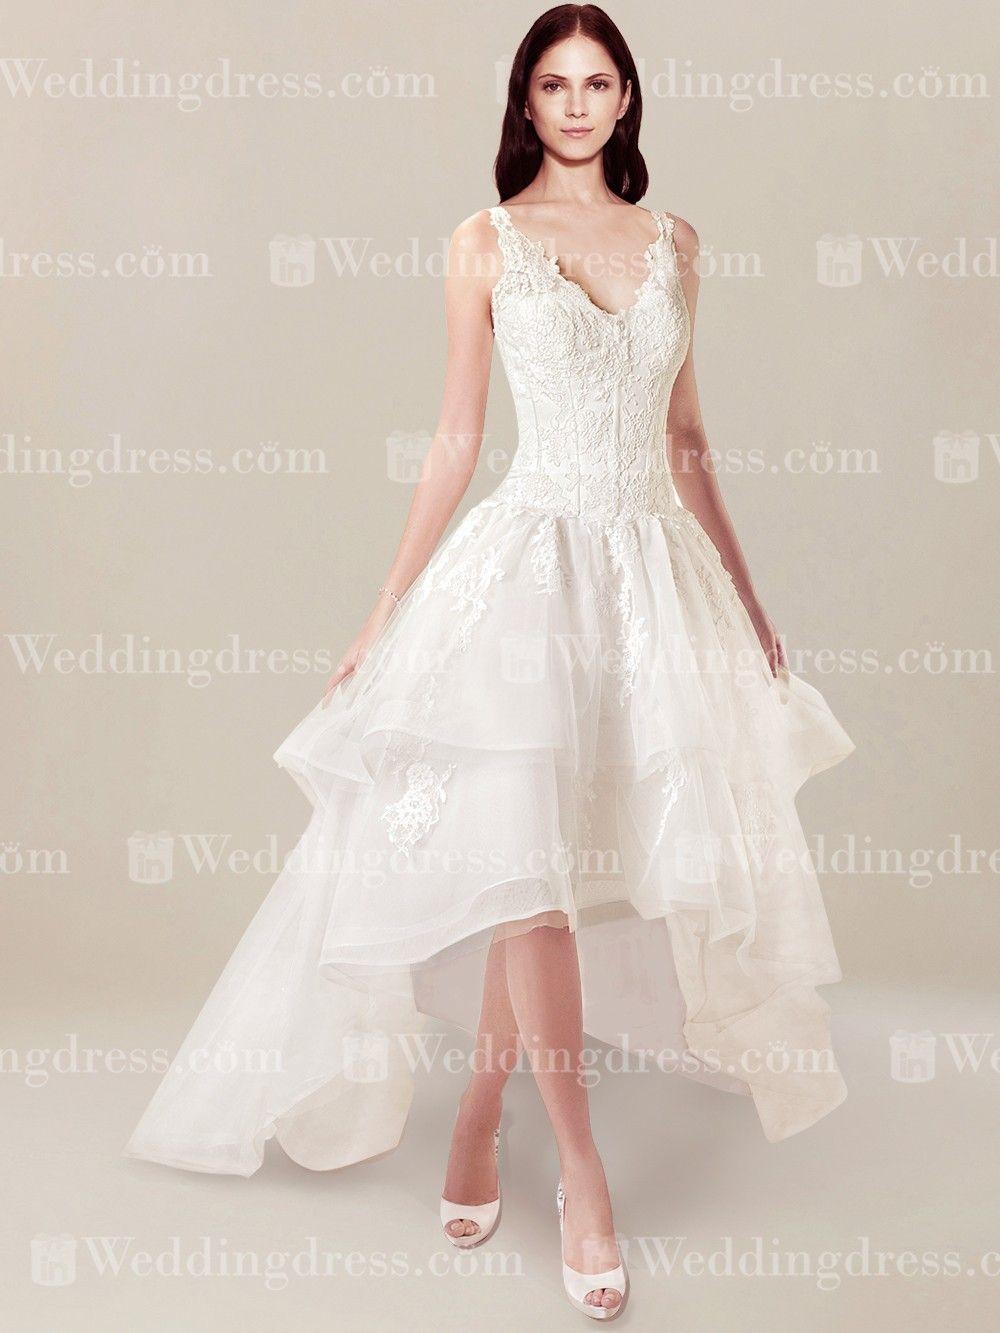 High Low Corset Wedding Dress Cs56 Wedding Dresses High Low Wedding Dresses Corset Online Wedding Dress